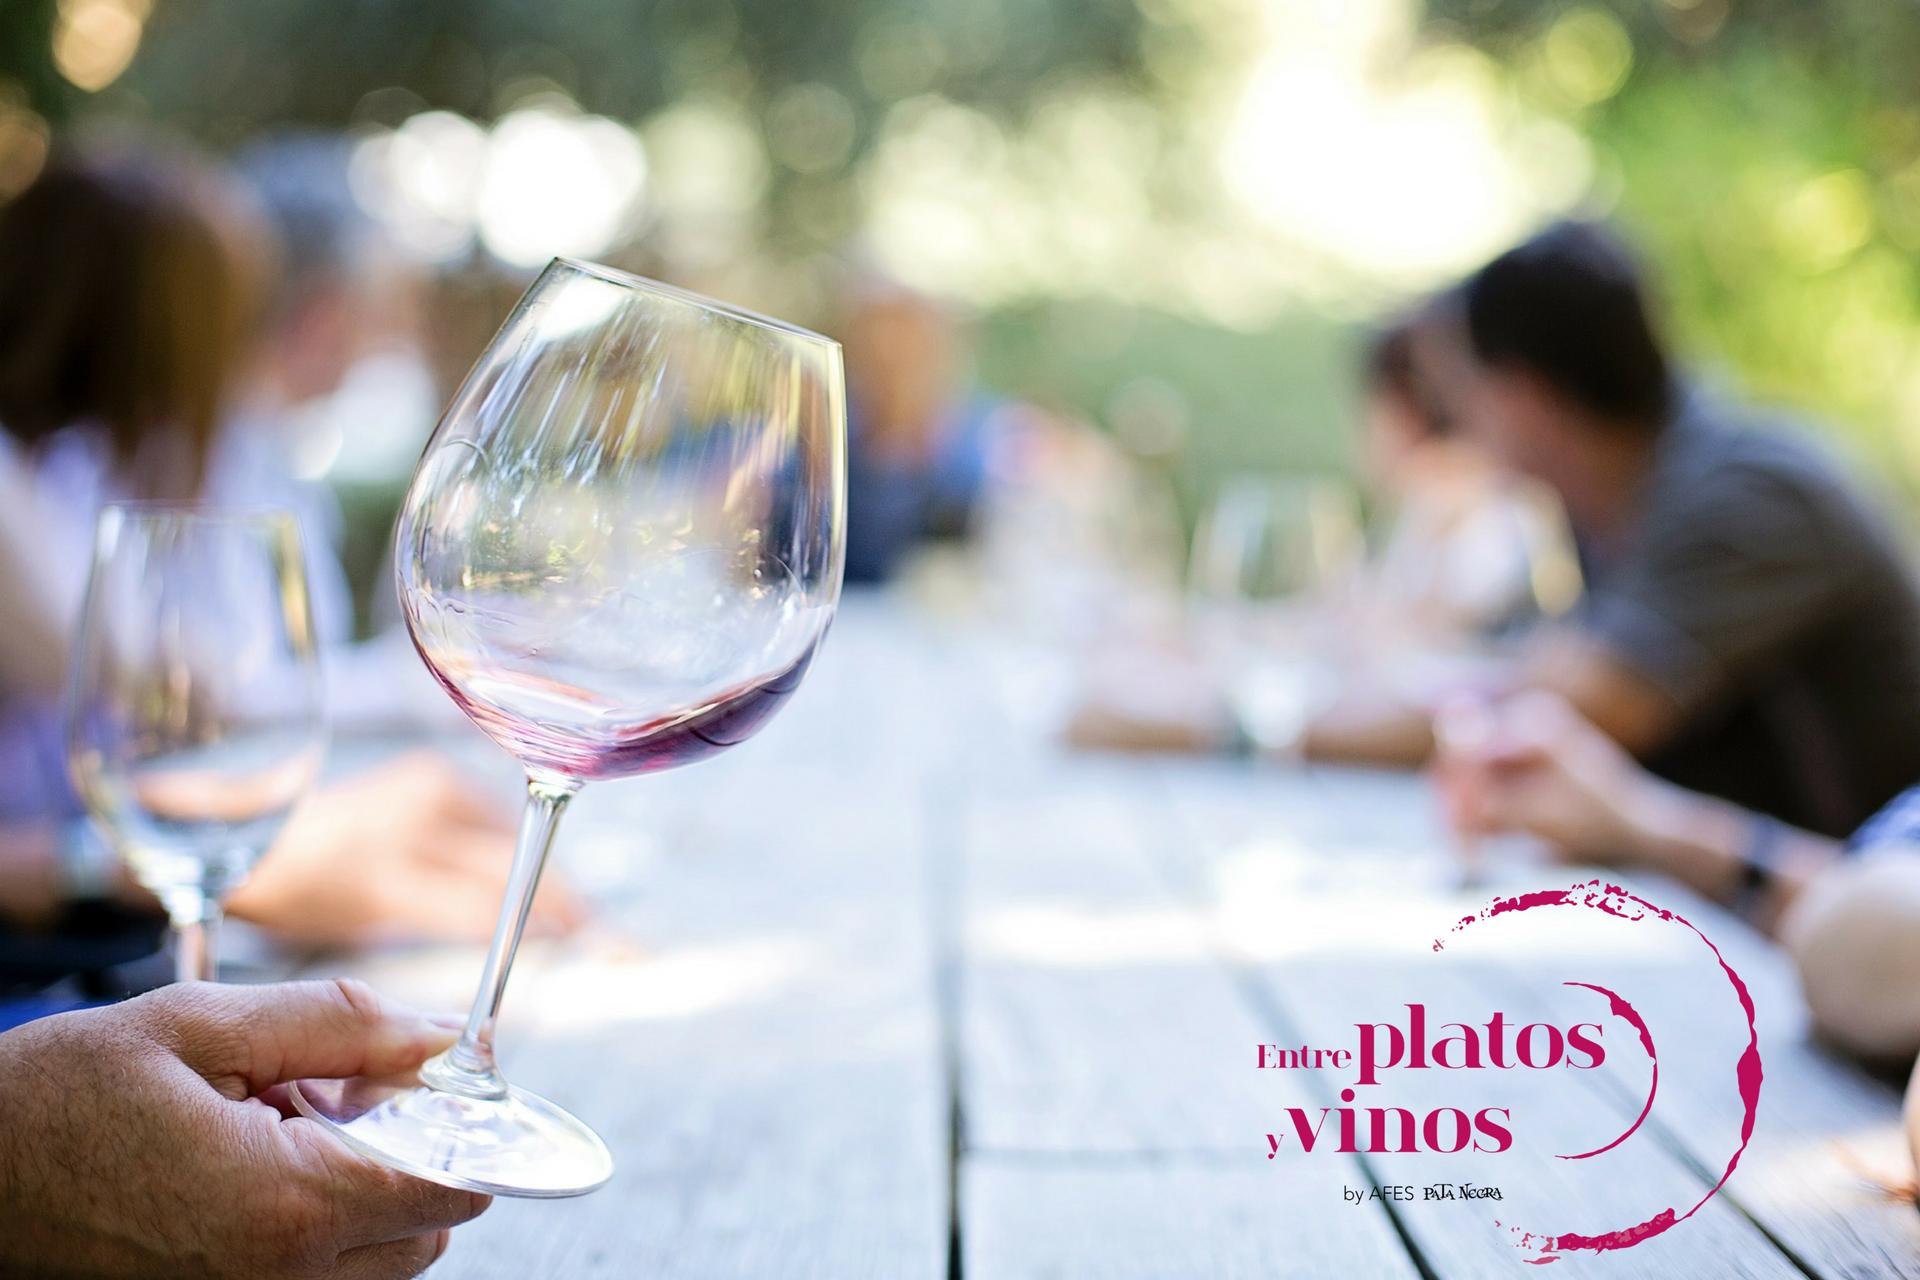 cata de vinos Entre platos y vinos